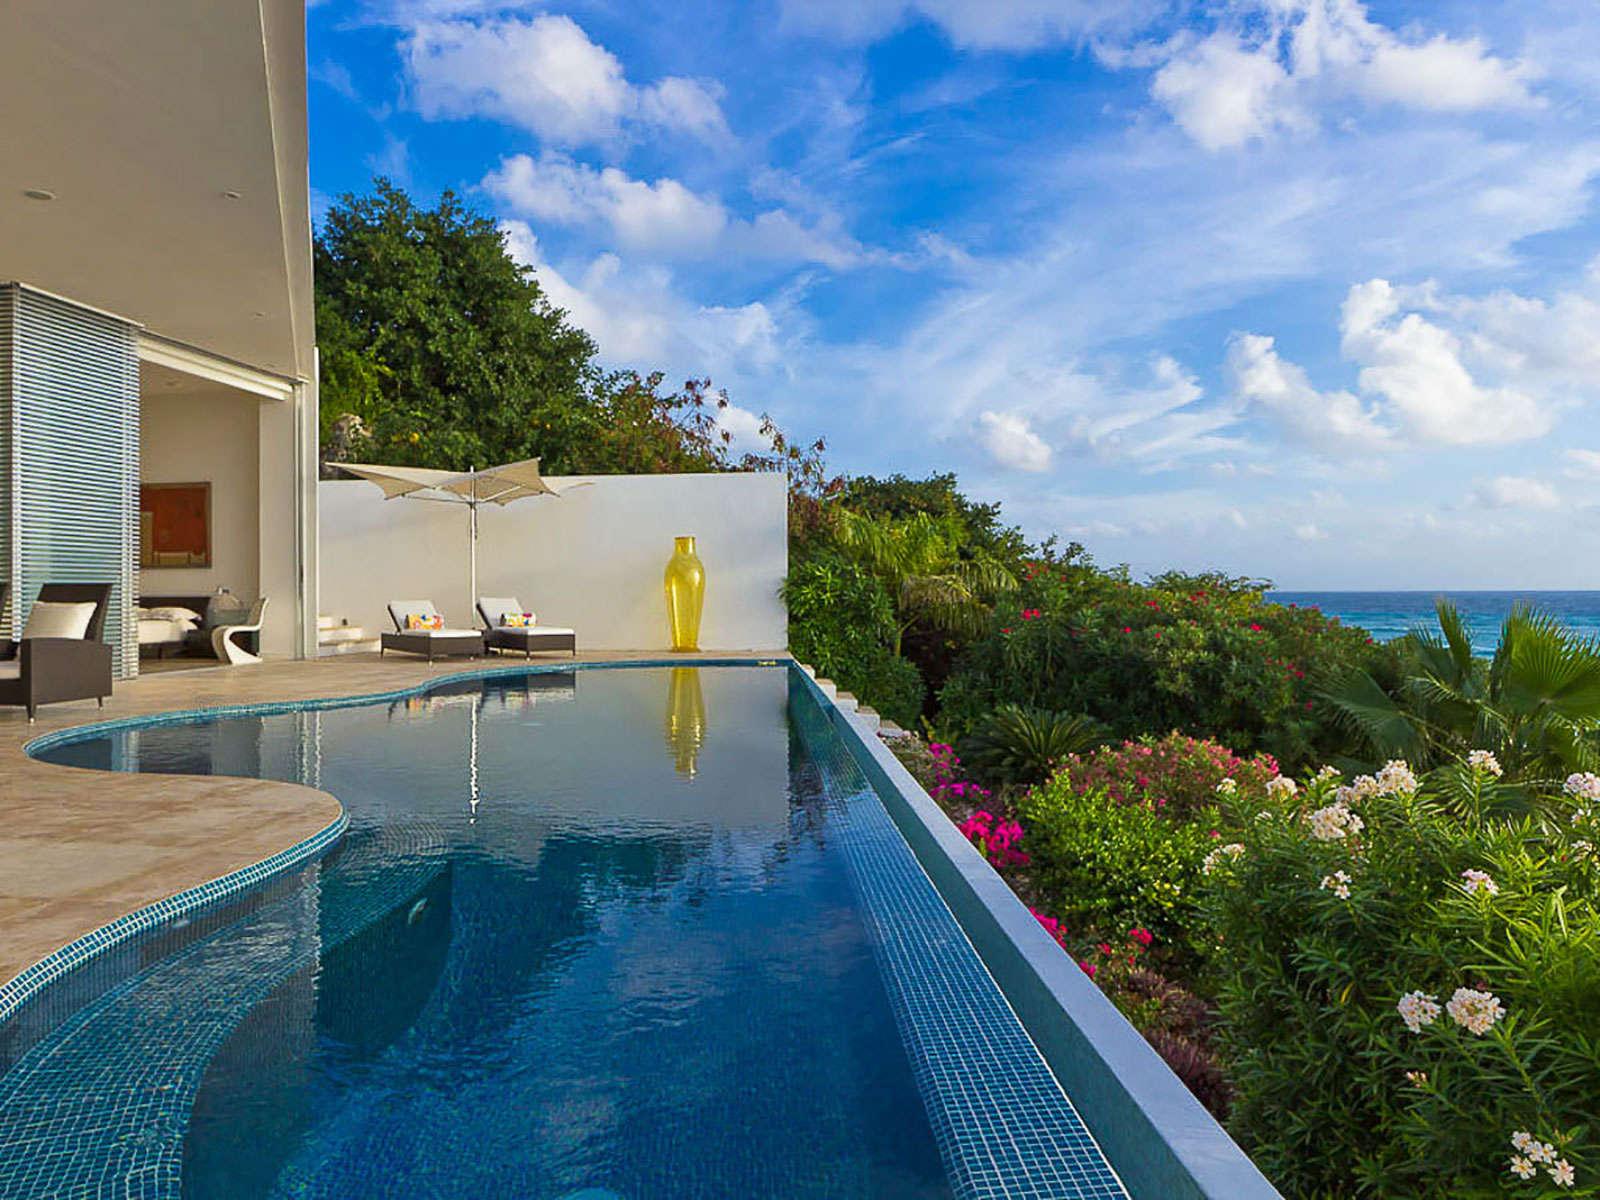 Luxury vacation rentals mexico - Riviera maya - Isla mujeres - No location 4 - Villa de la Vida - Image 1/26